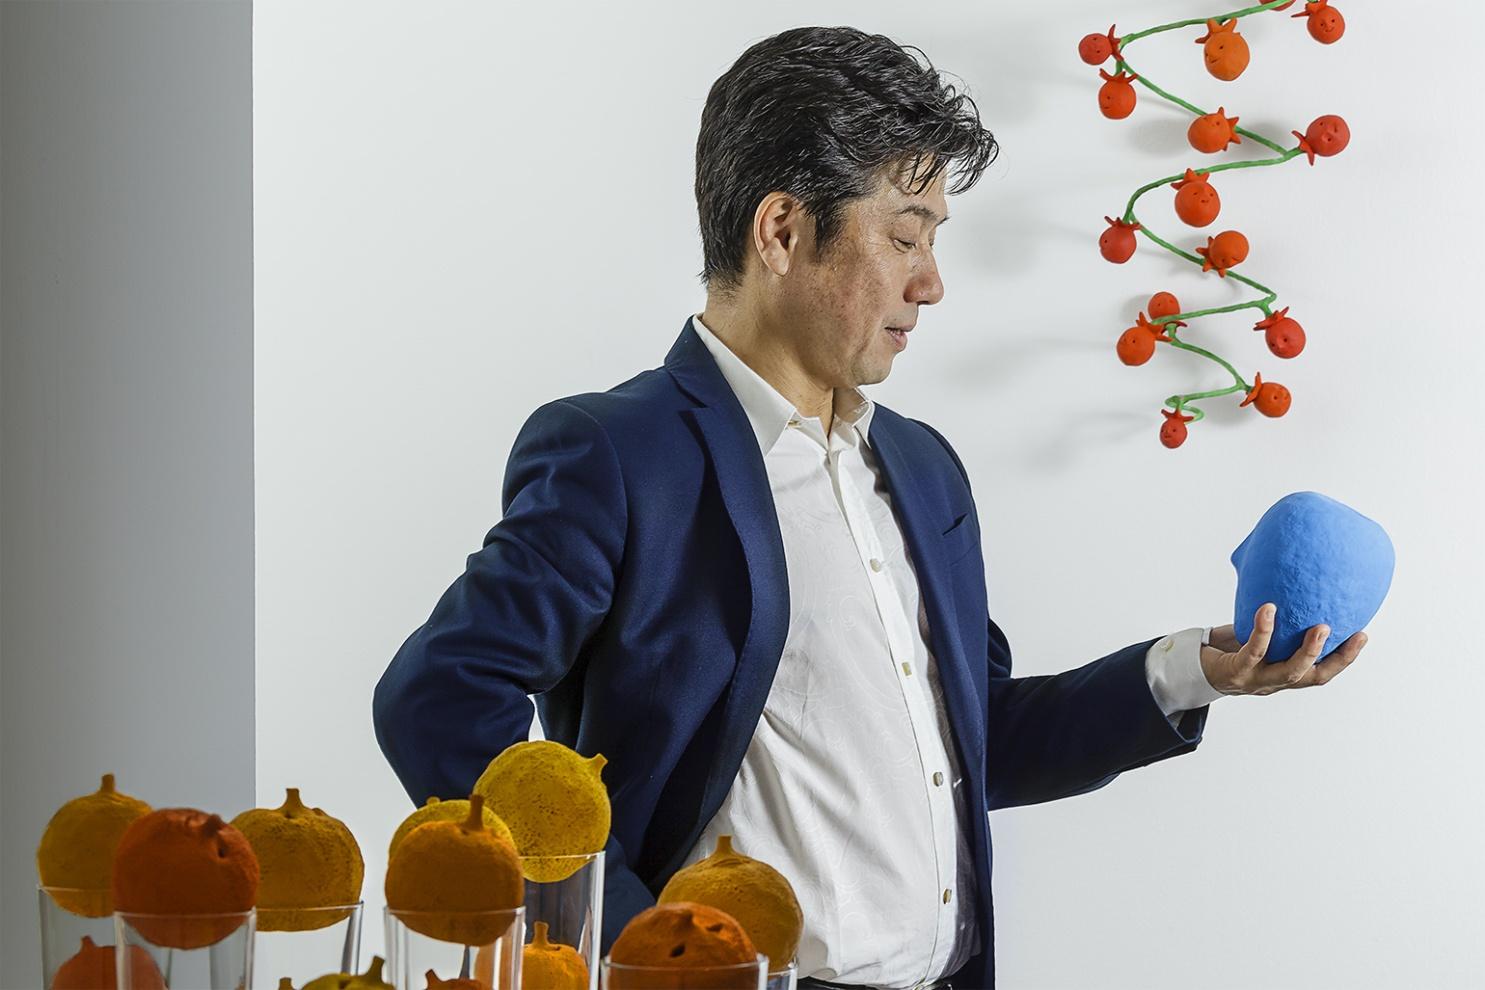 [infoHide=English] Dialogue: Kazumasa and the apple - blackbird Mizokami Kazumasa sculptor [/infoHide]  Dialogo:  Kazumasa e la mela-merla Mizokami Kazumasa scultore